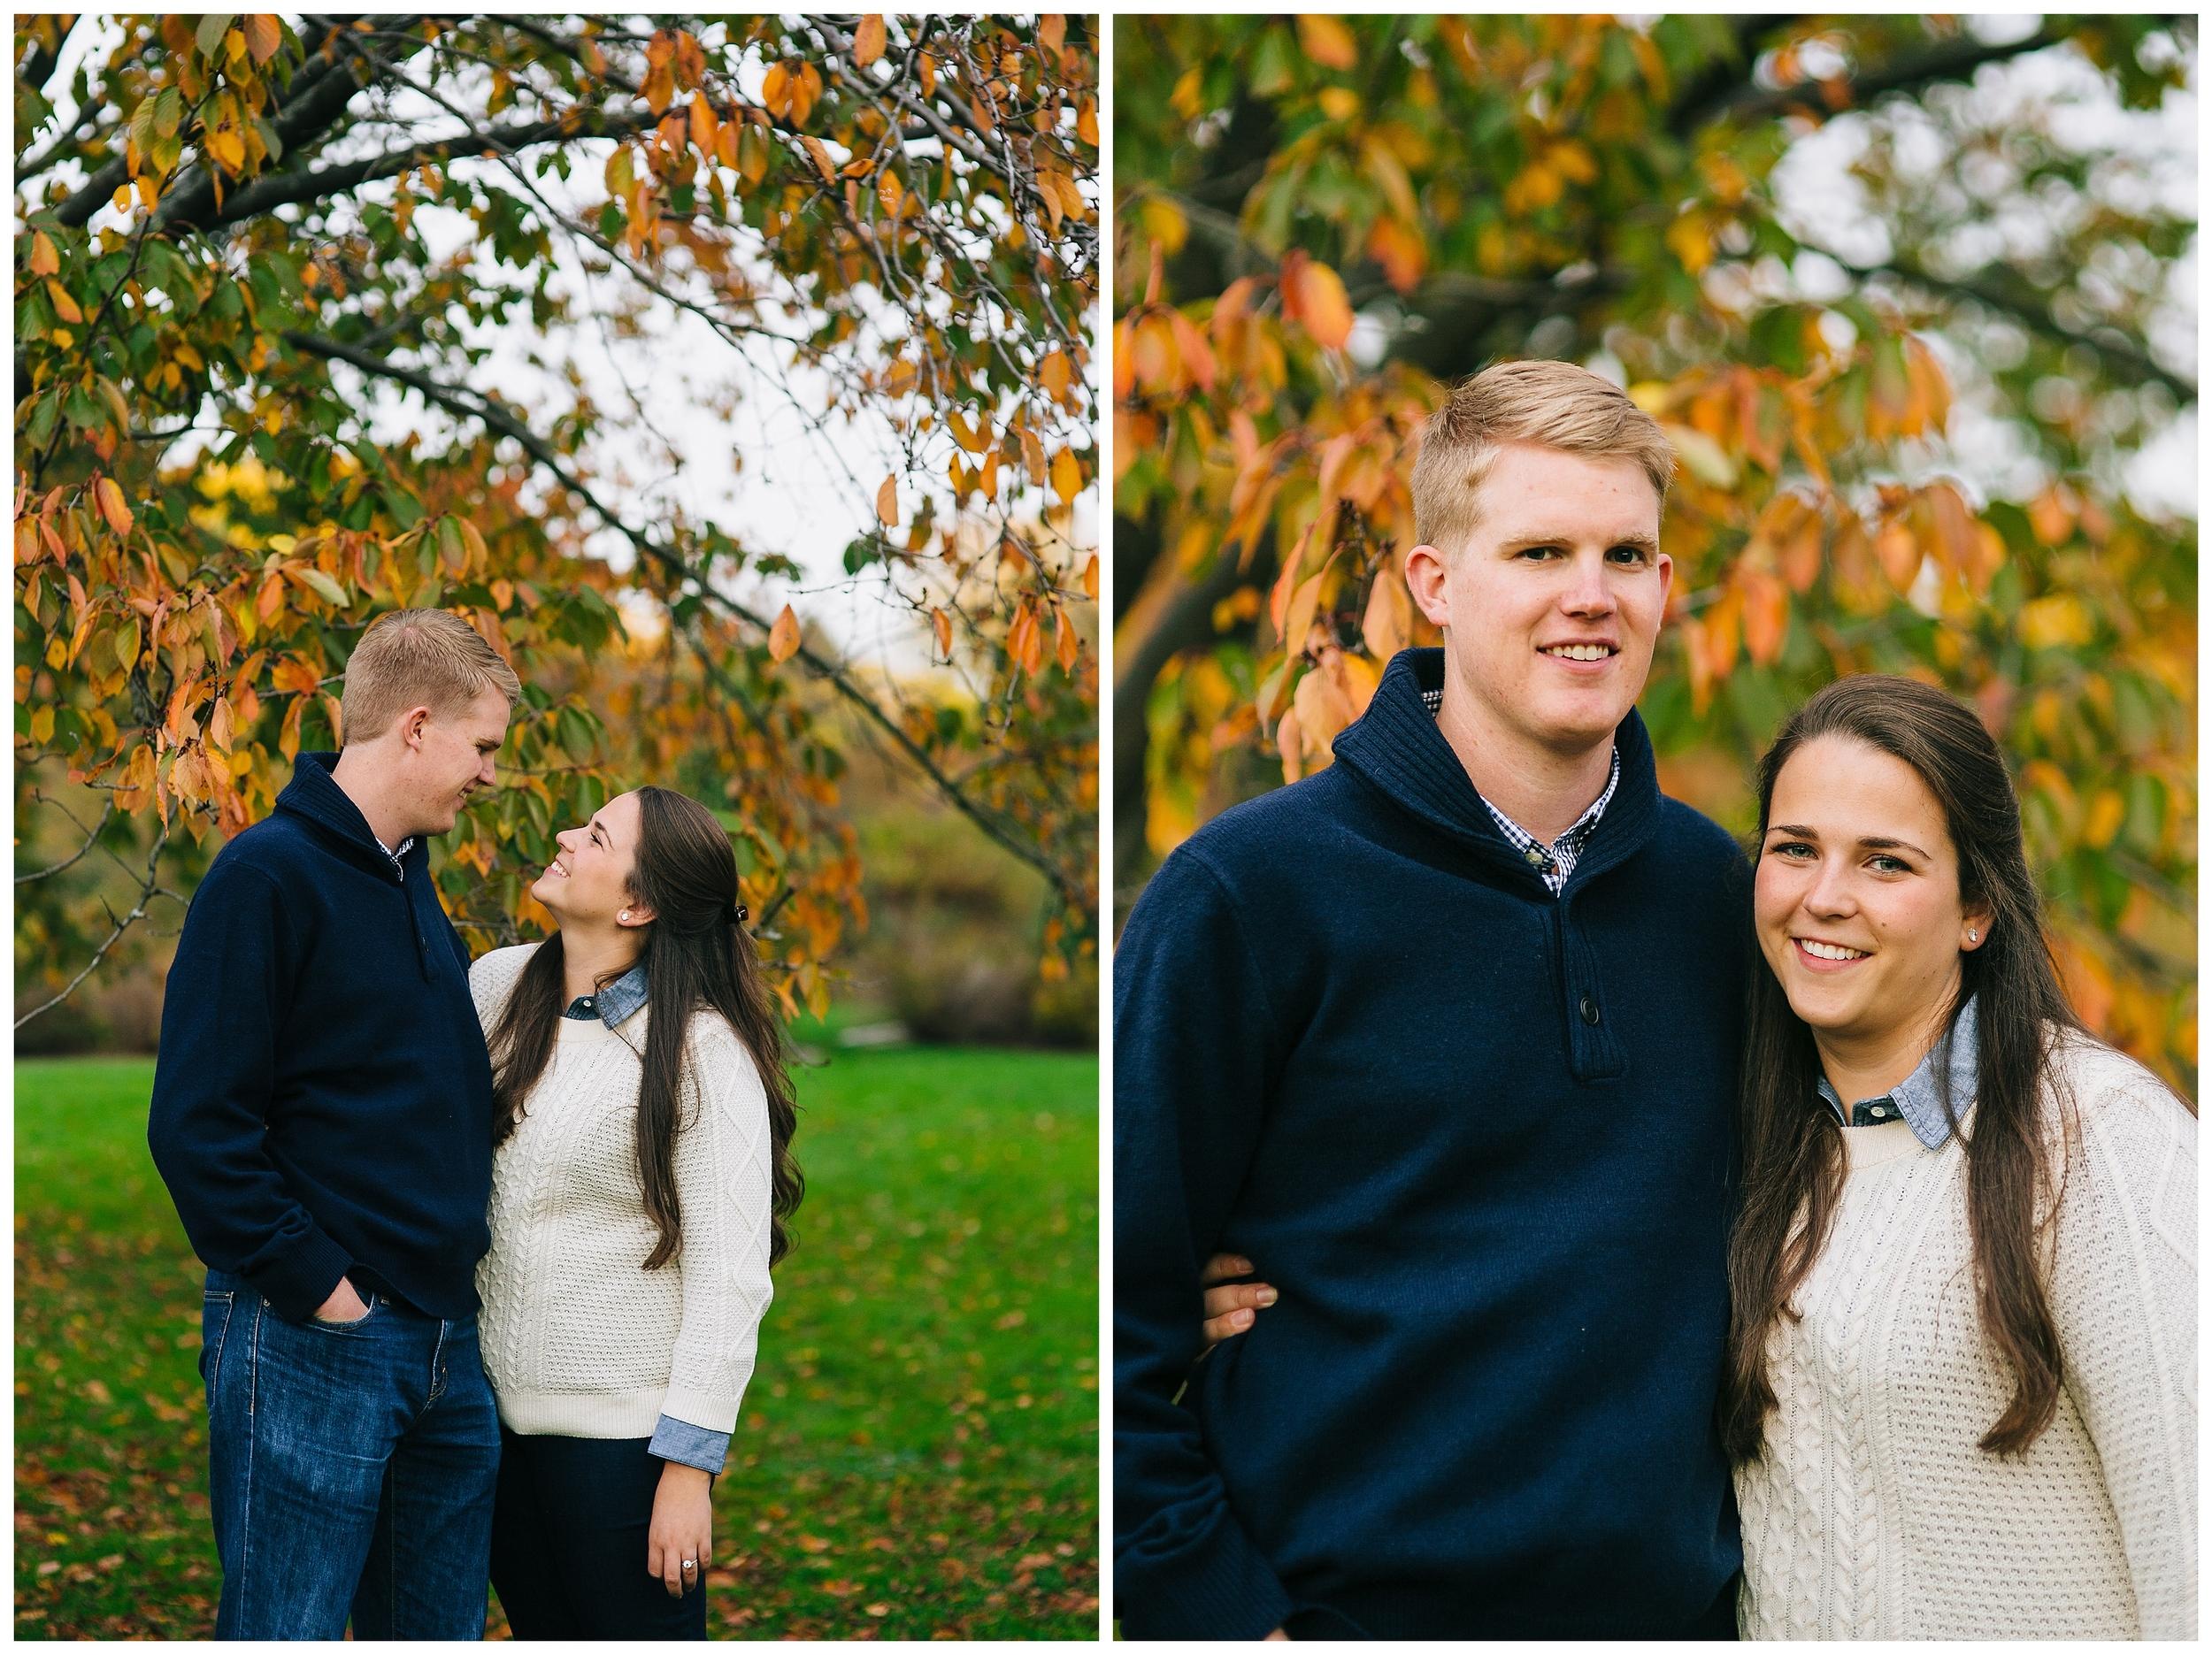 Engagement Photos at Harvard Arnold Arboretum in Jamaica Plain Boston MA